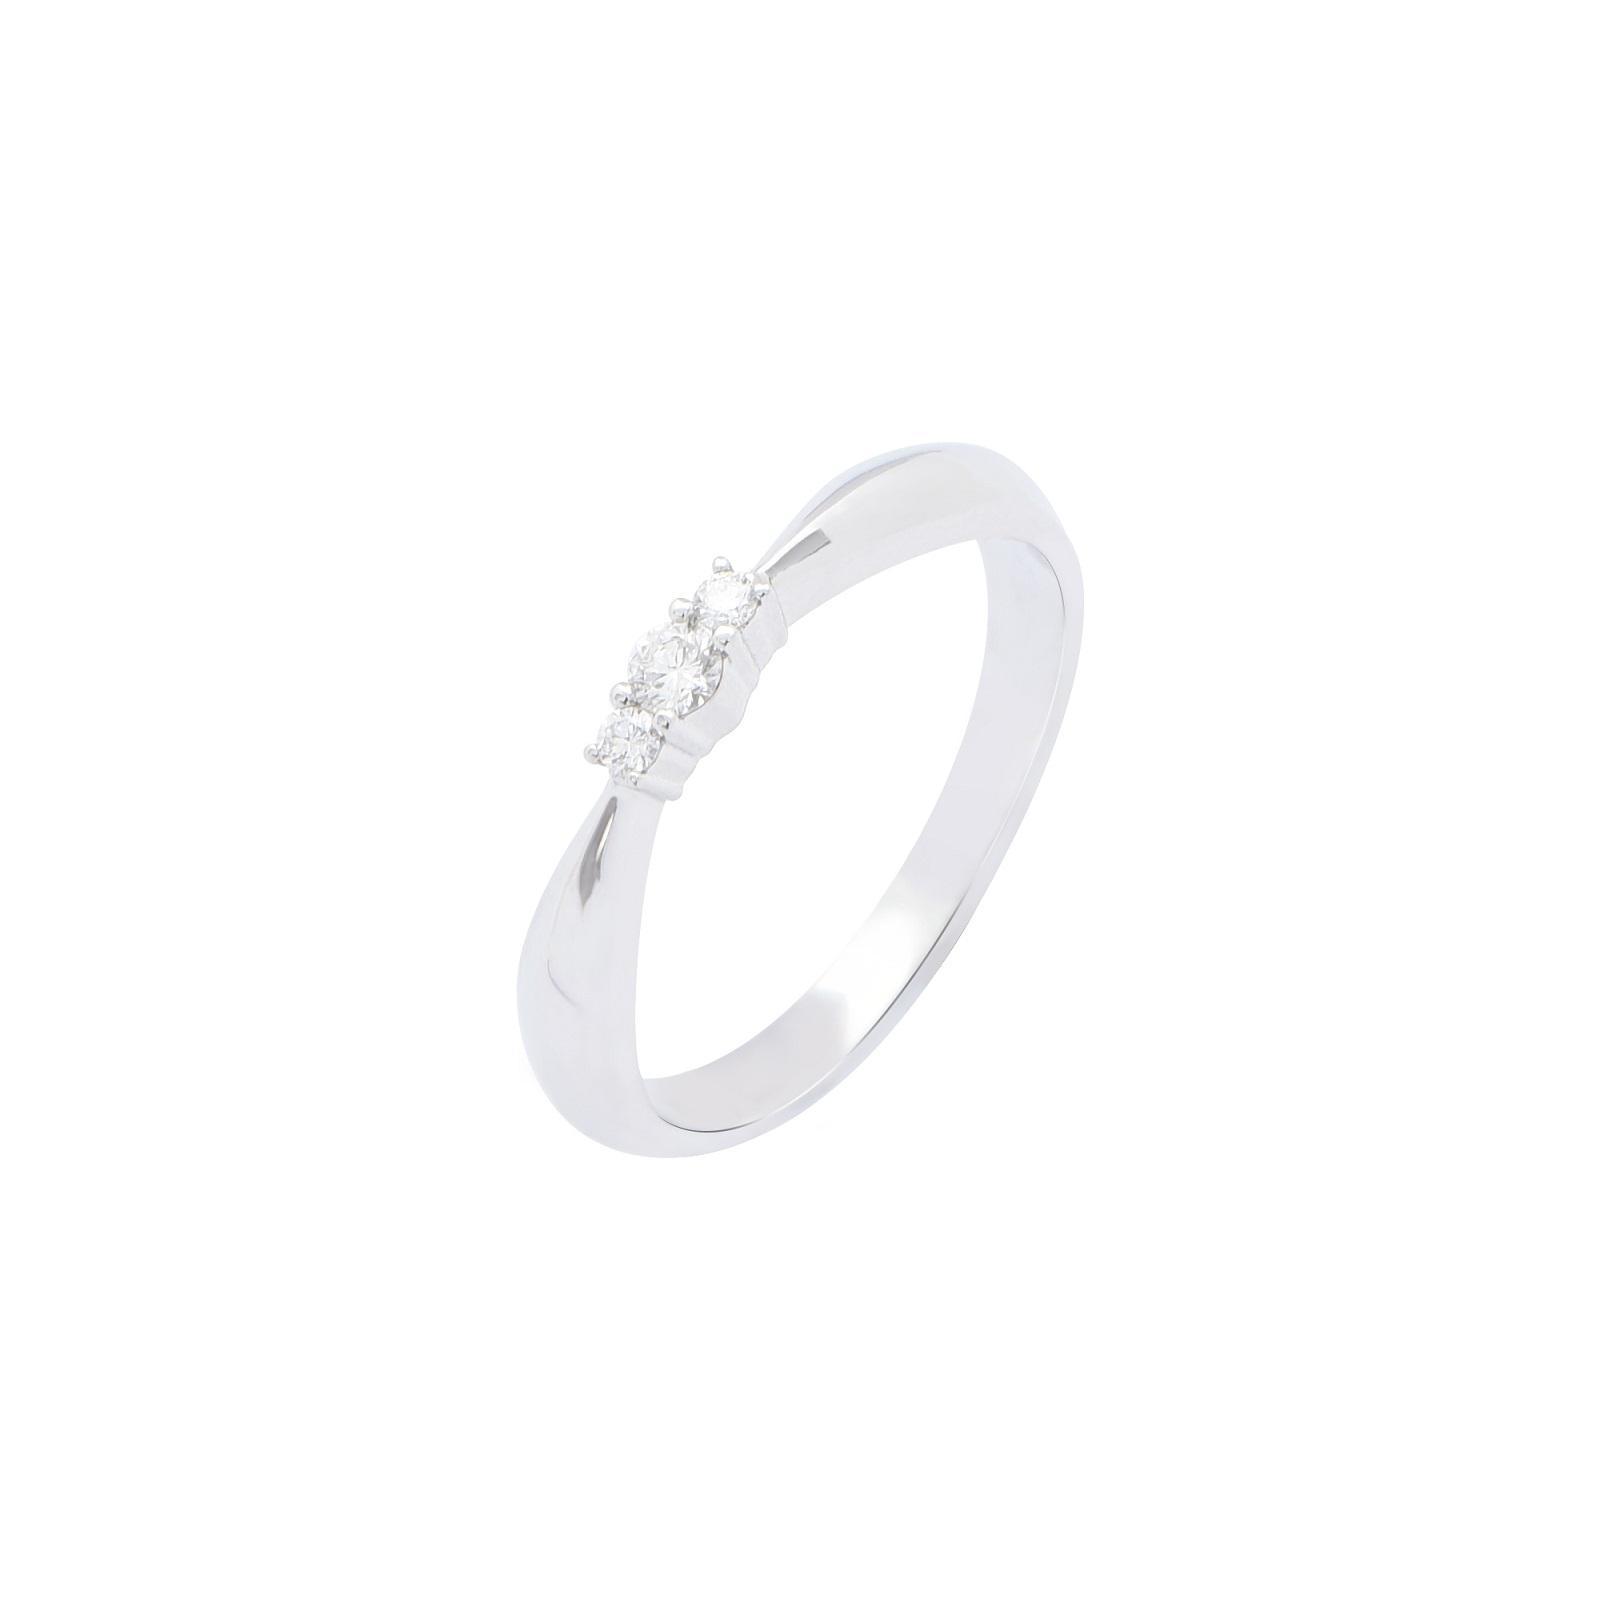 Nhẫn cưới Kim cương nữ 20Q012.2TI